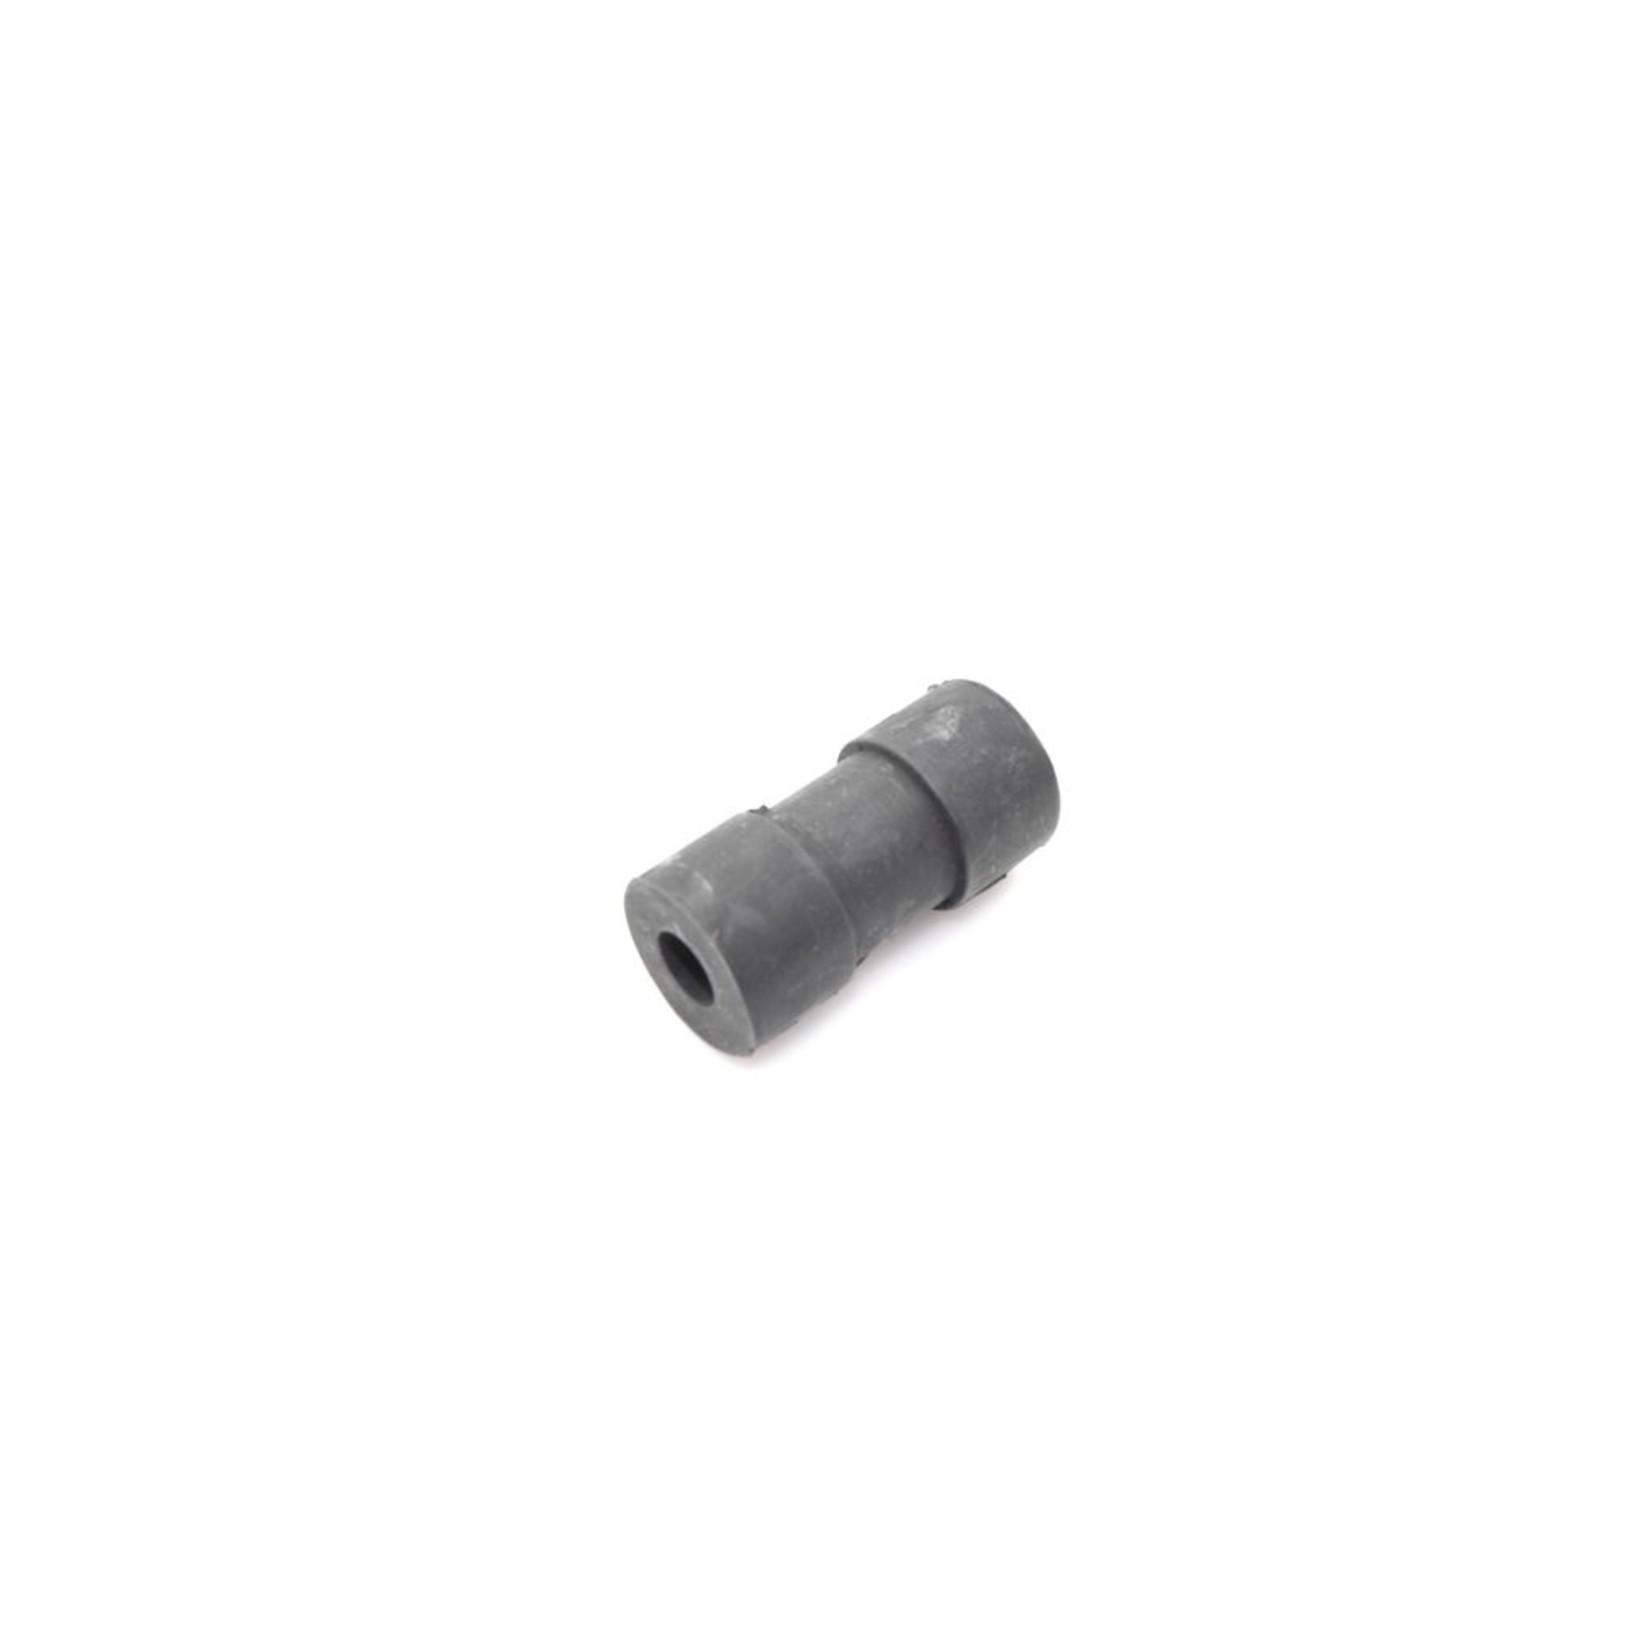 Cale caoutchouc garniture de réservoir 45mm Nr Org: D17554